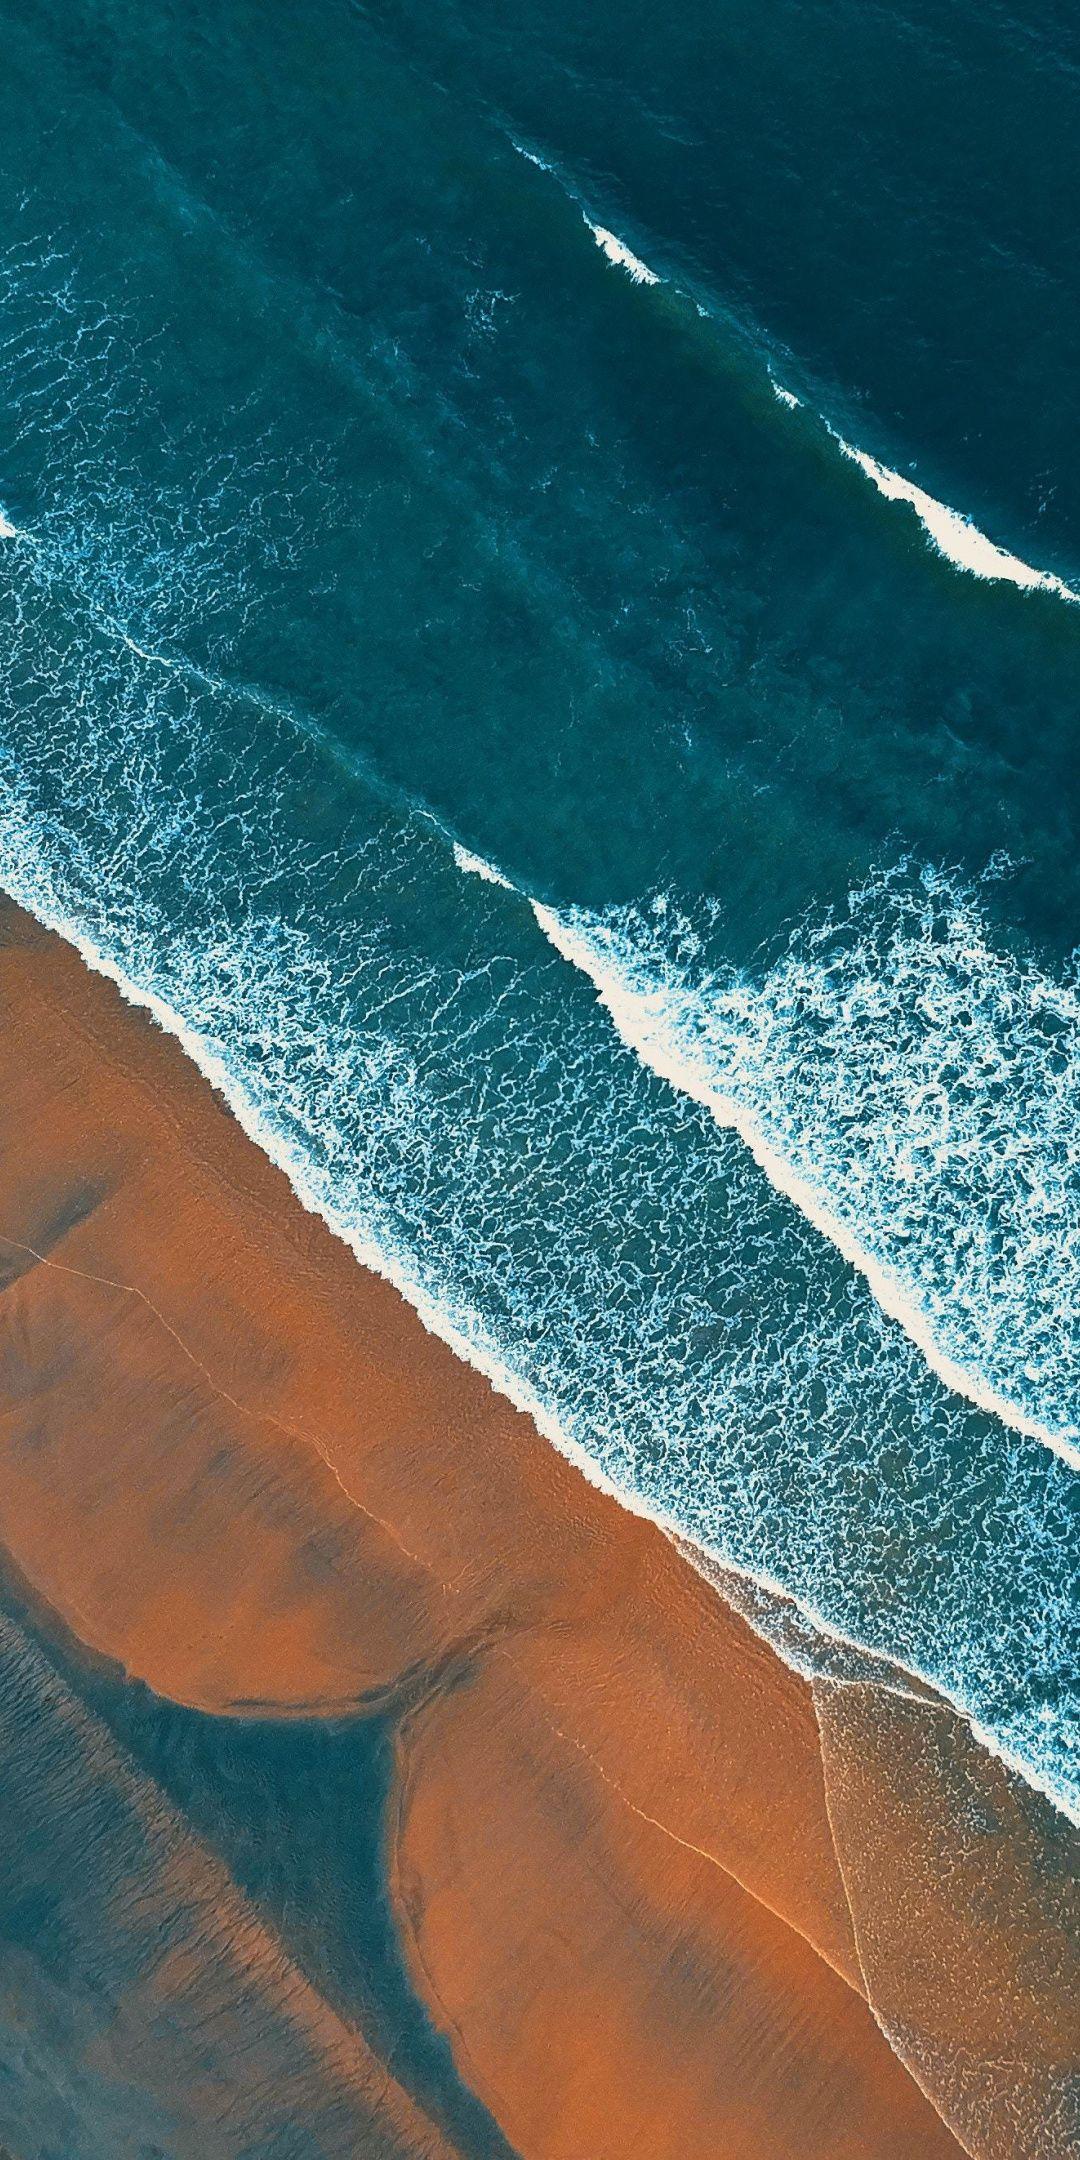 Beach Aerial View Nature 1080x2160 Wallpaper Beach Wallpaper Iphone Aerial View Aerial Nature drone photo sea waves beach